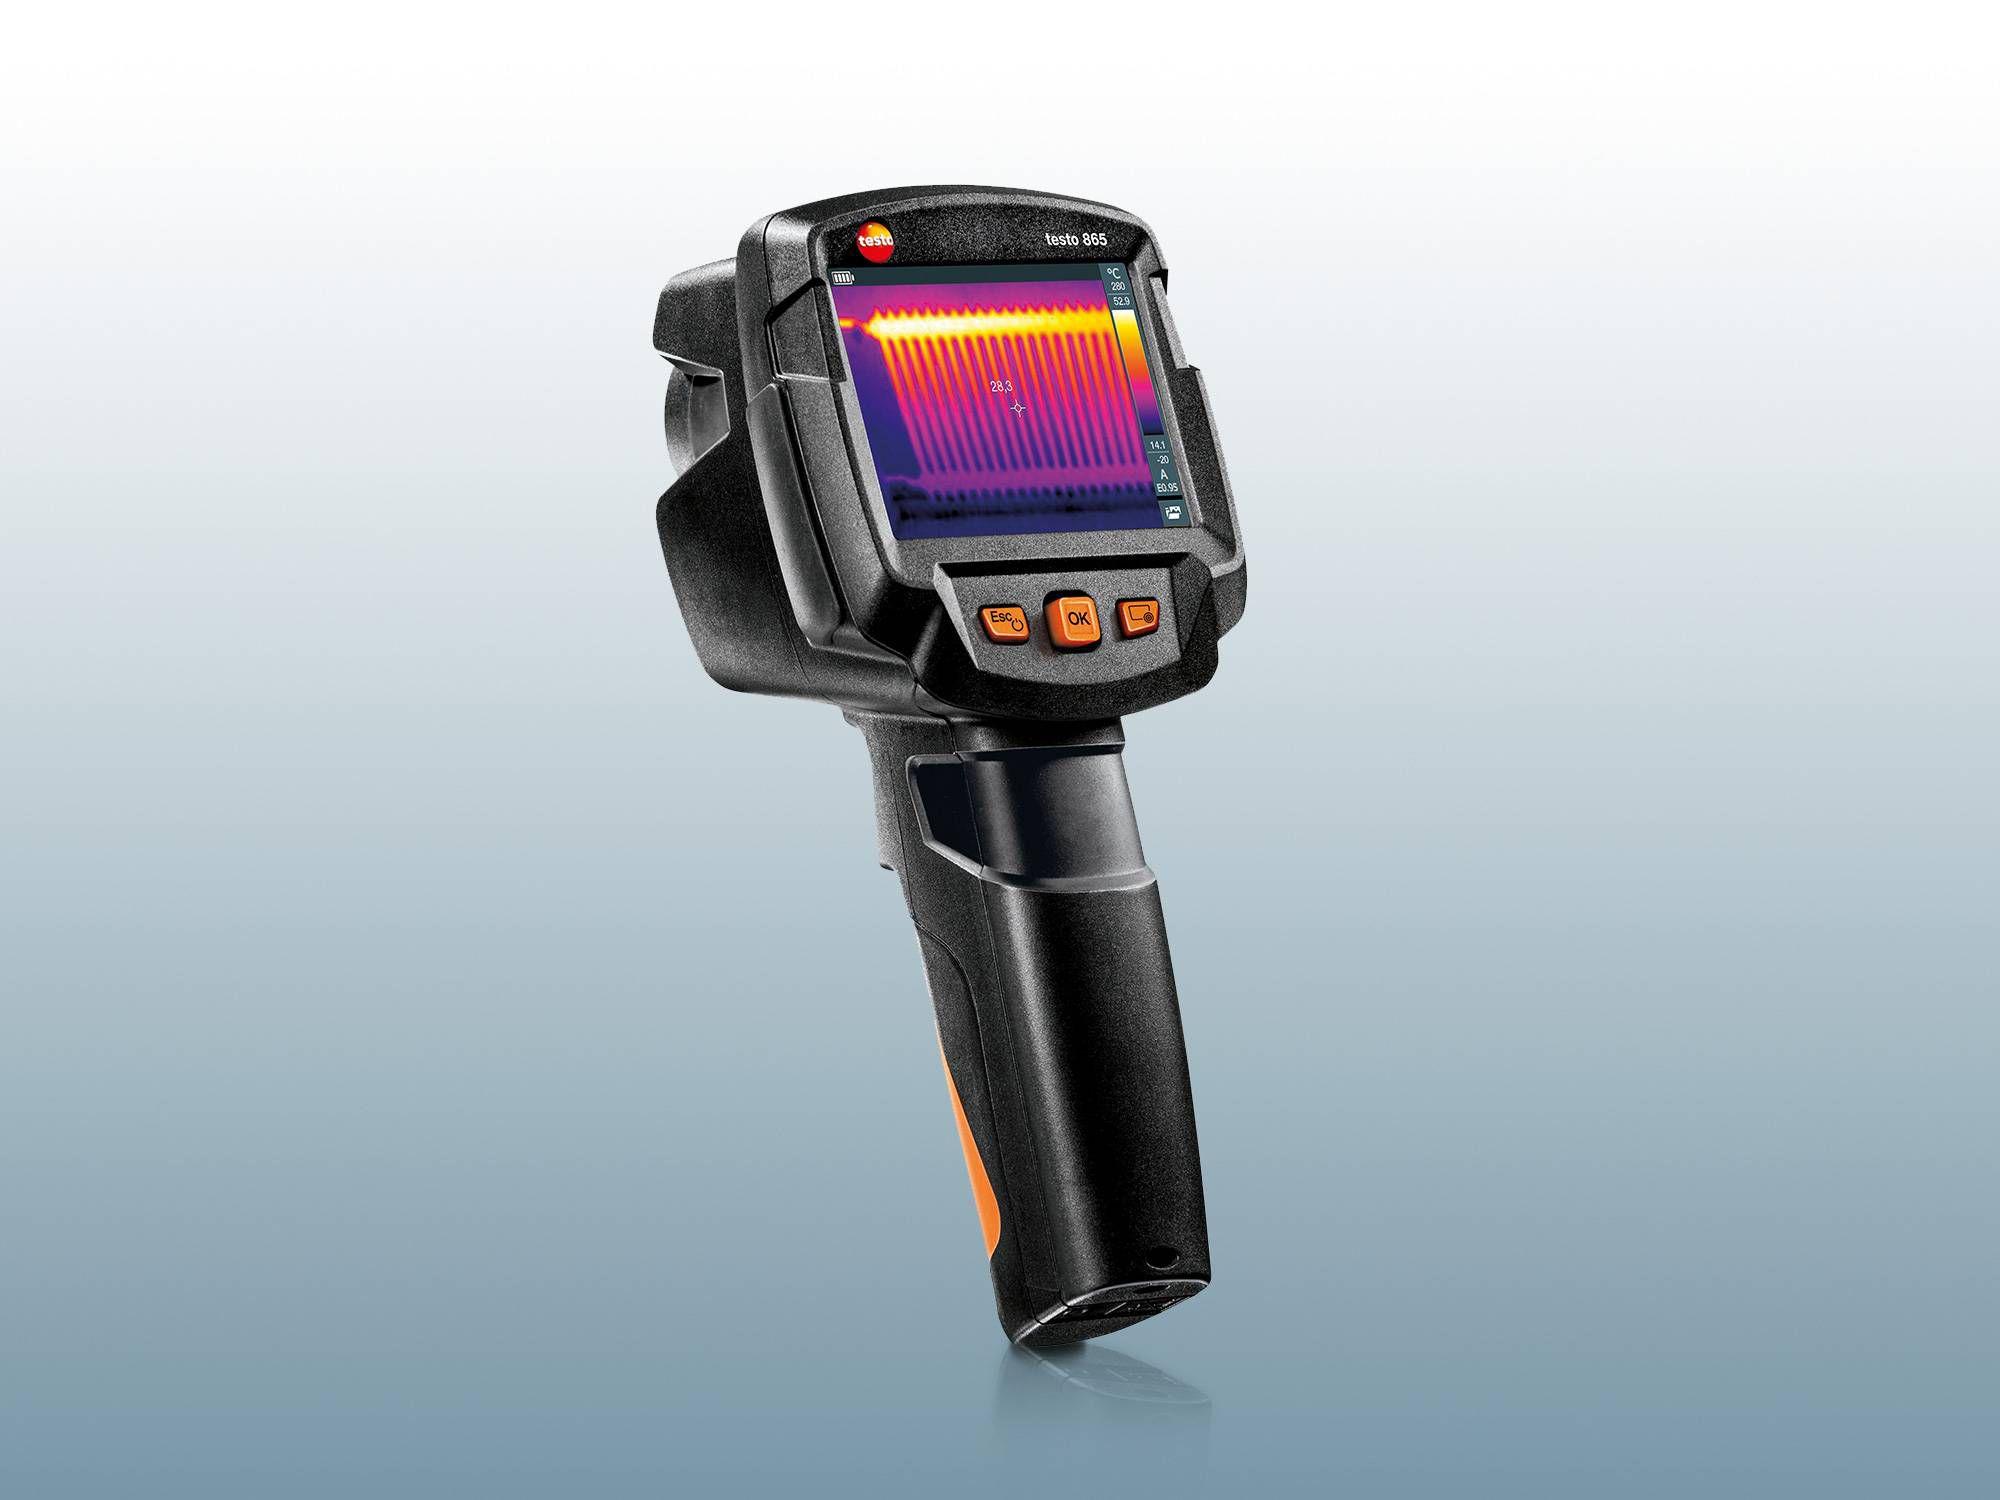 Caméra thermique testo 865